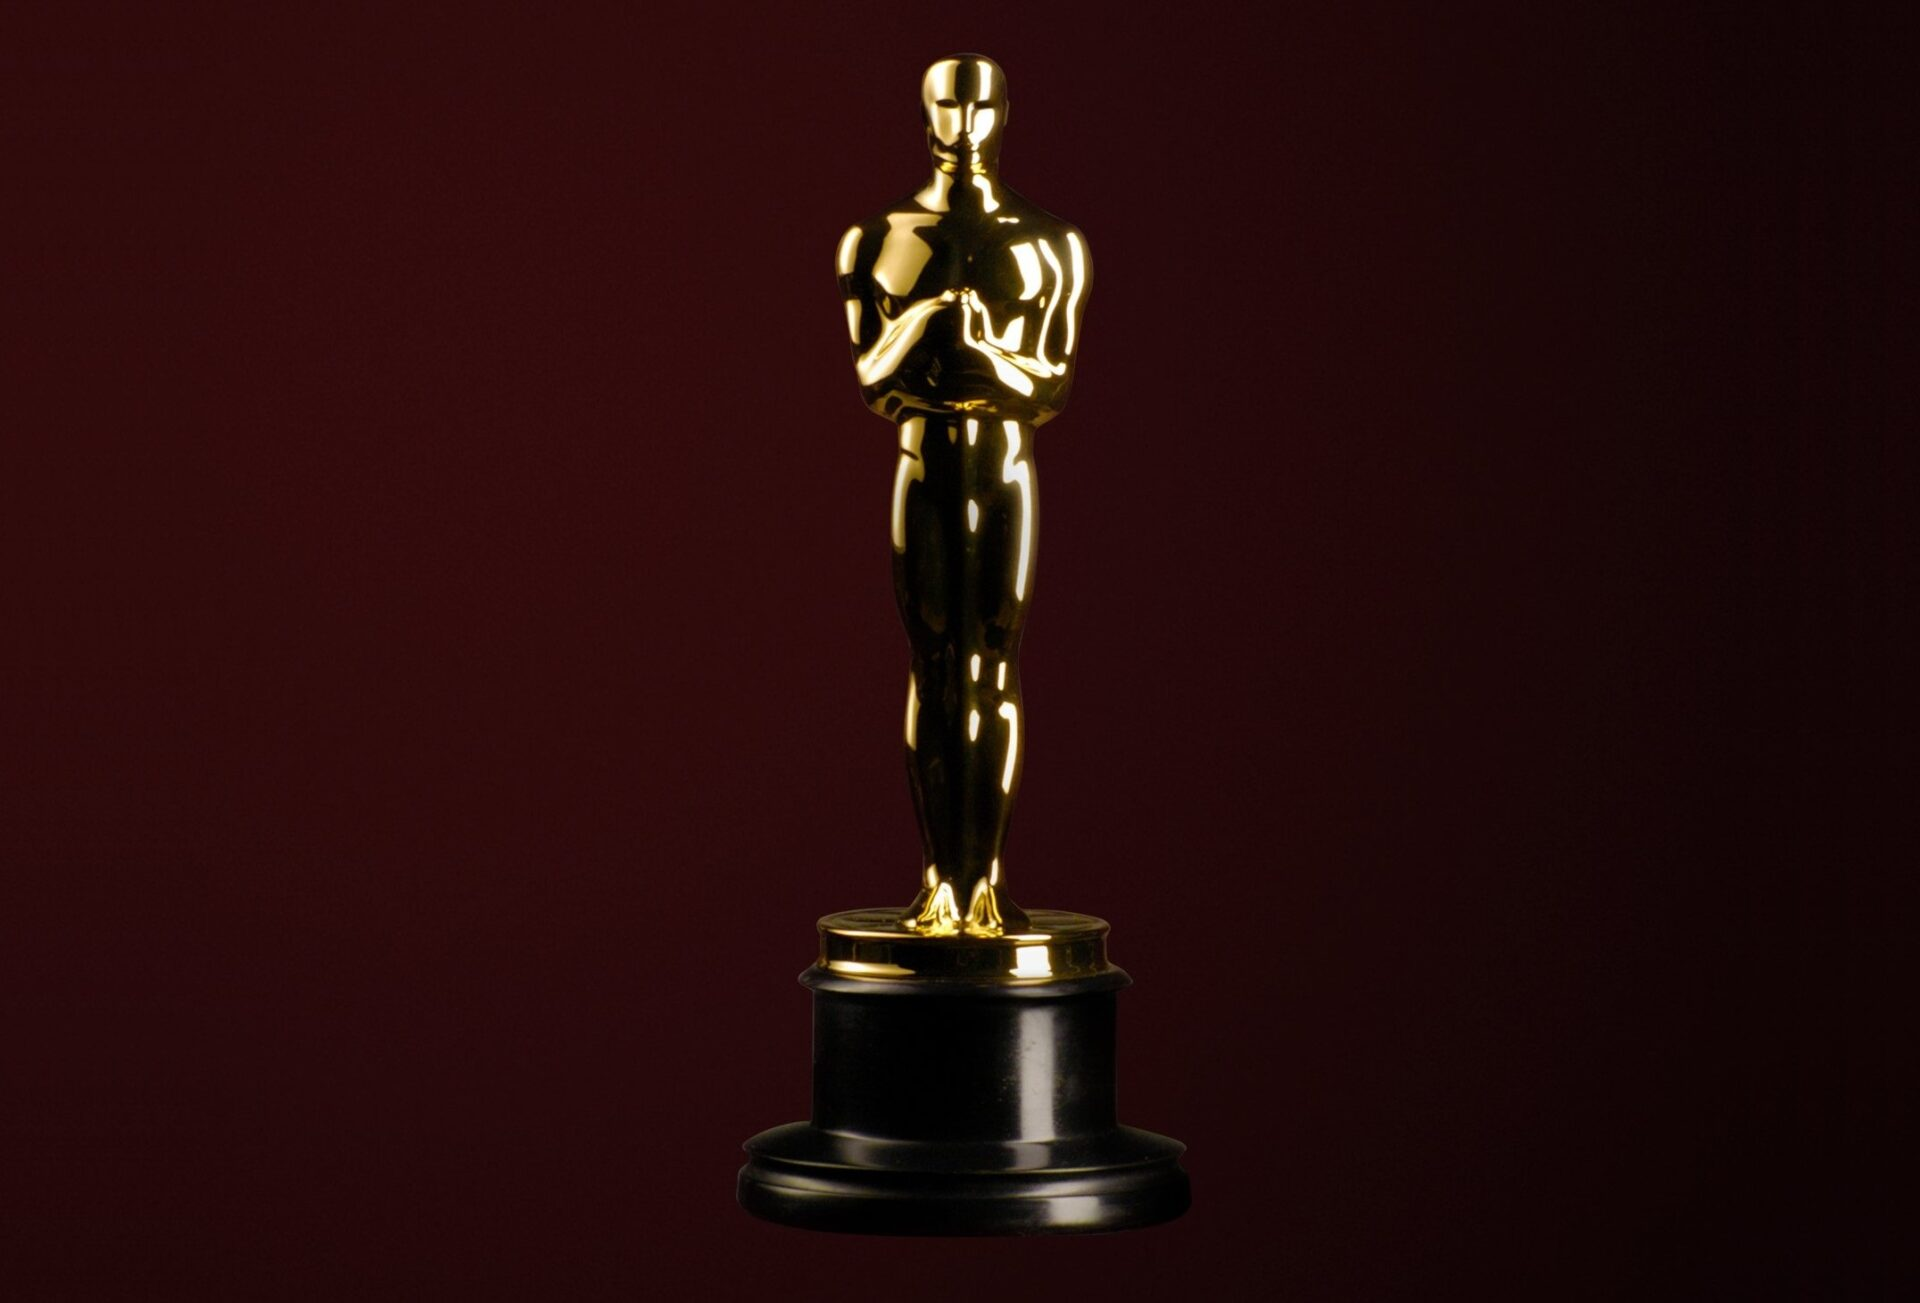 (Source: Oscar.go.com)